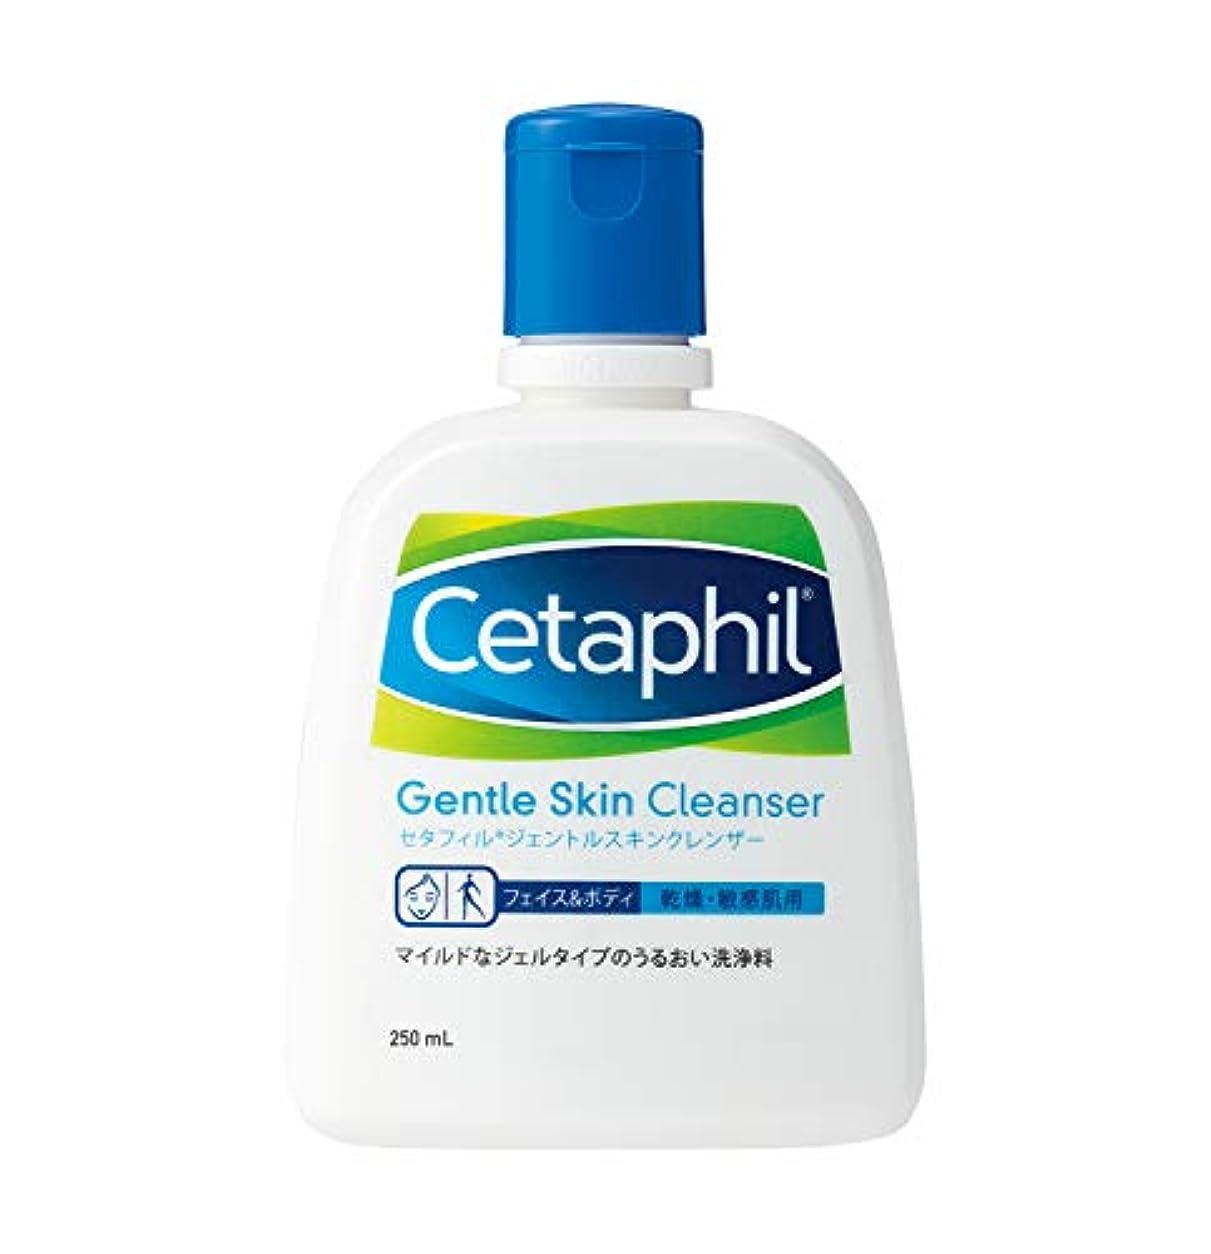 会話ソースお願いしますセタフィル Cetaphil ® ジェントルスキンクレンザー 250ml (フェイス & ボディ 洗浄料 クレンザー)